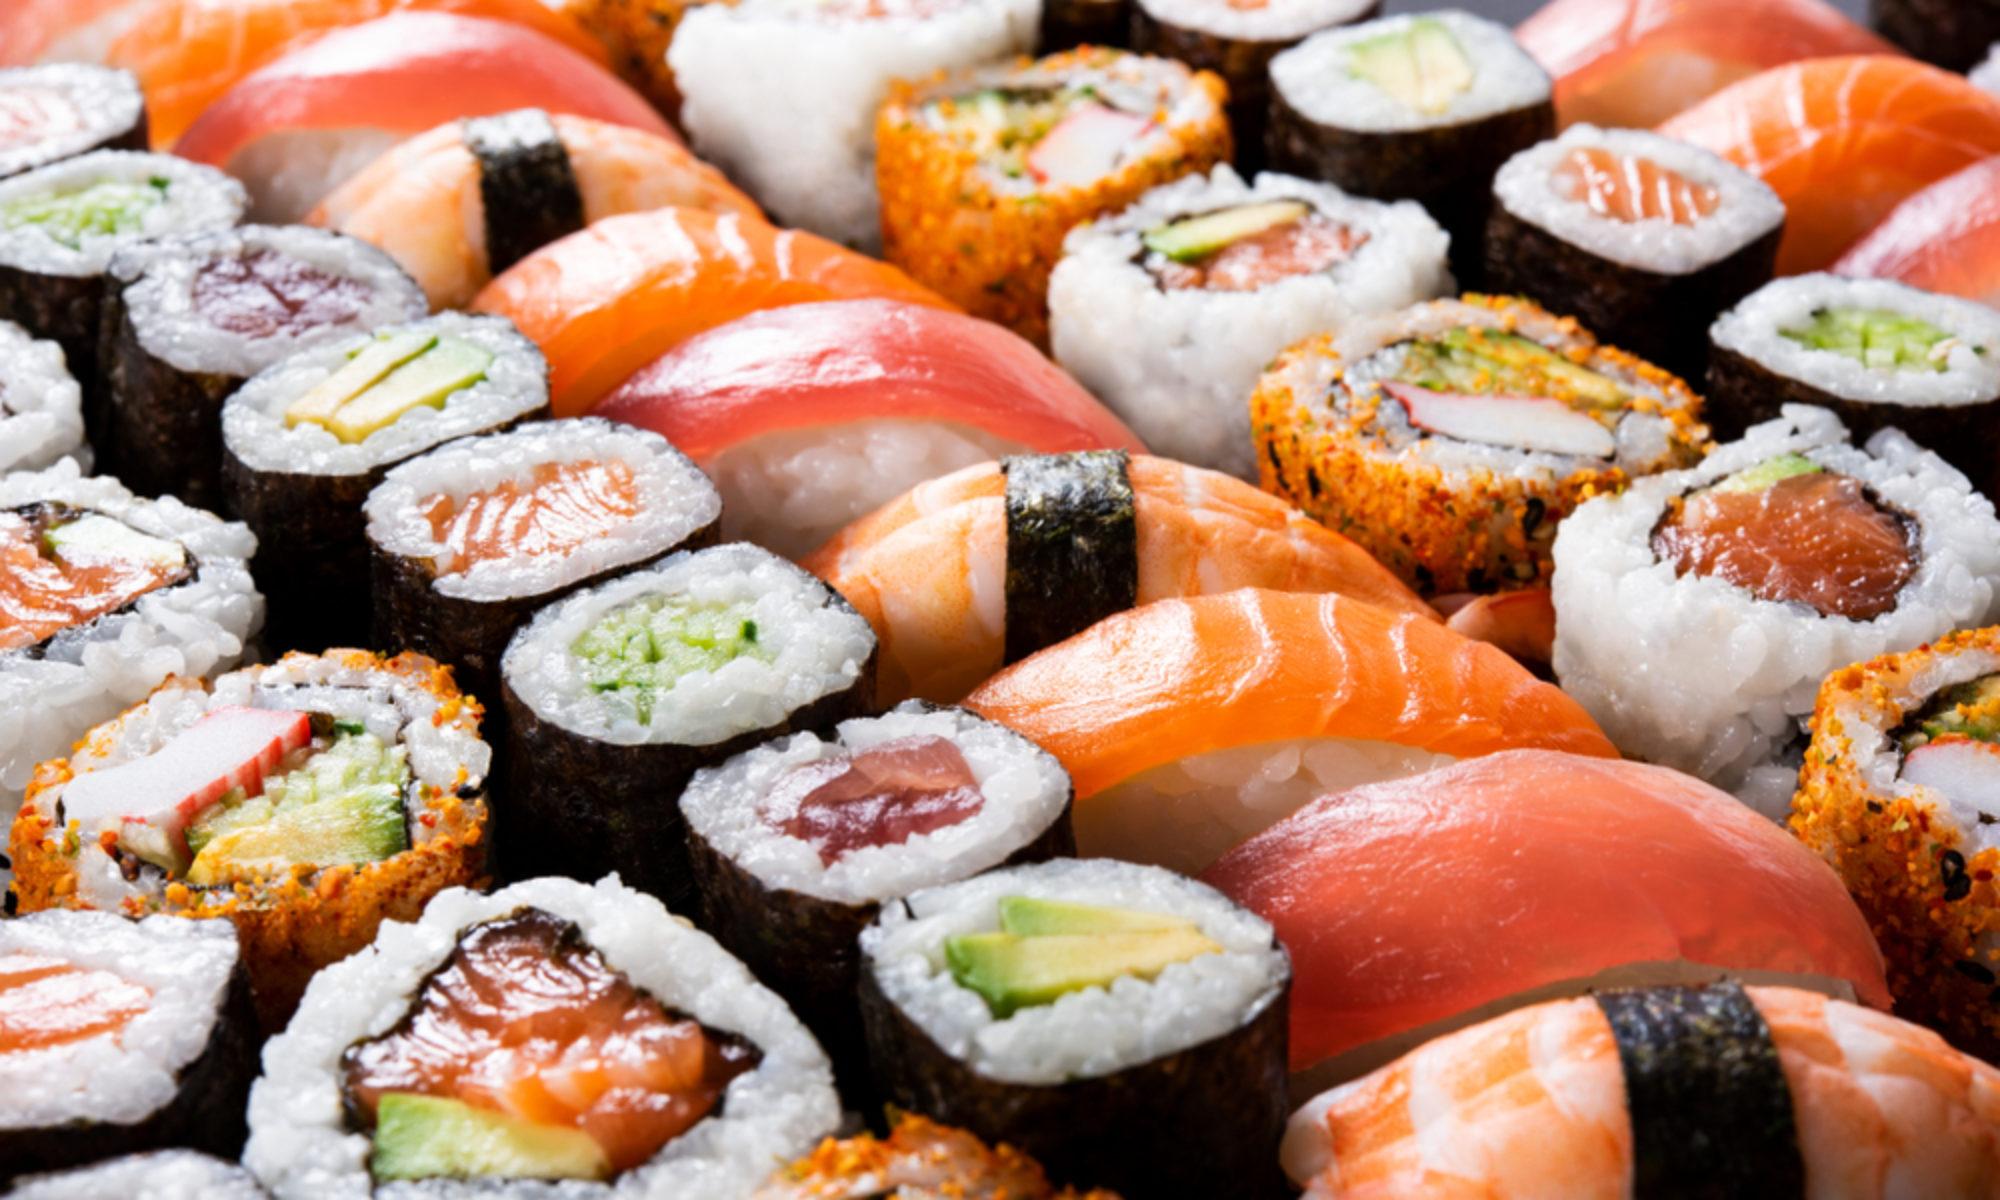 Ko Ko Sushi